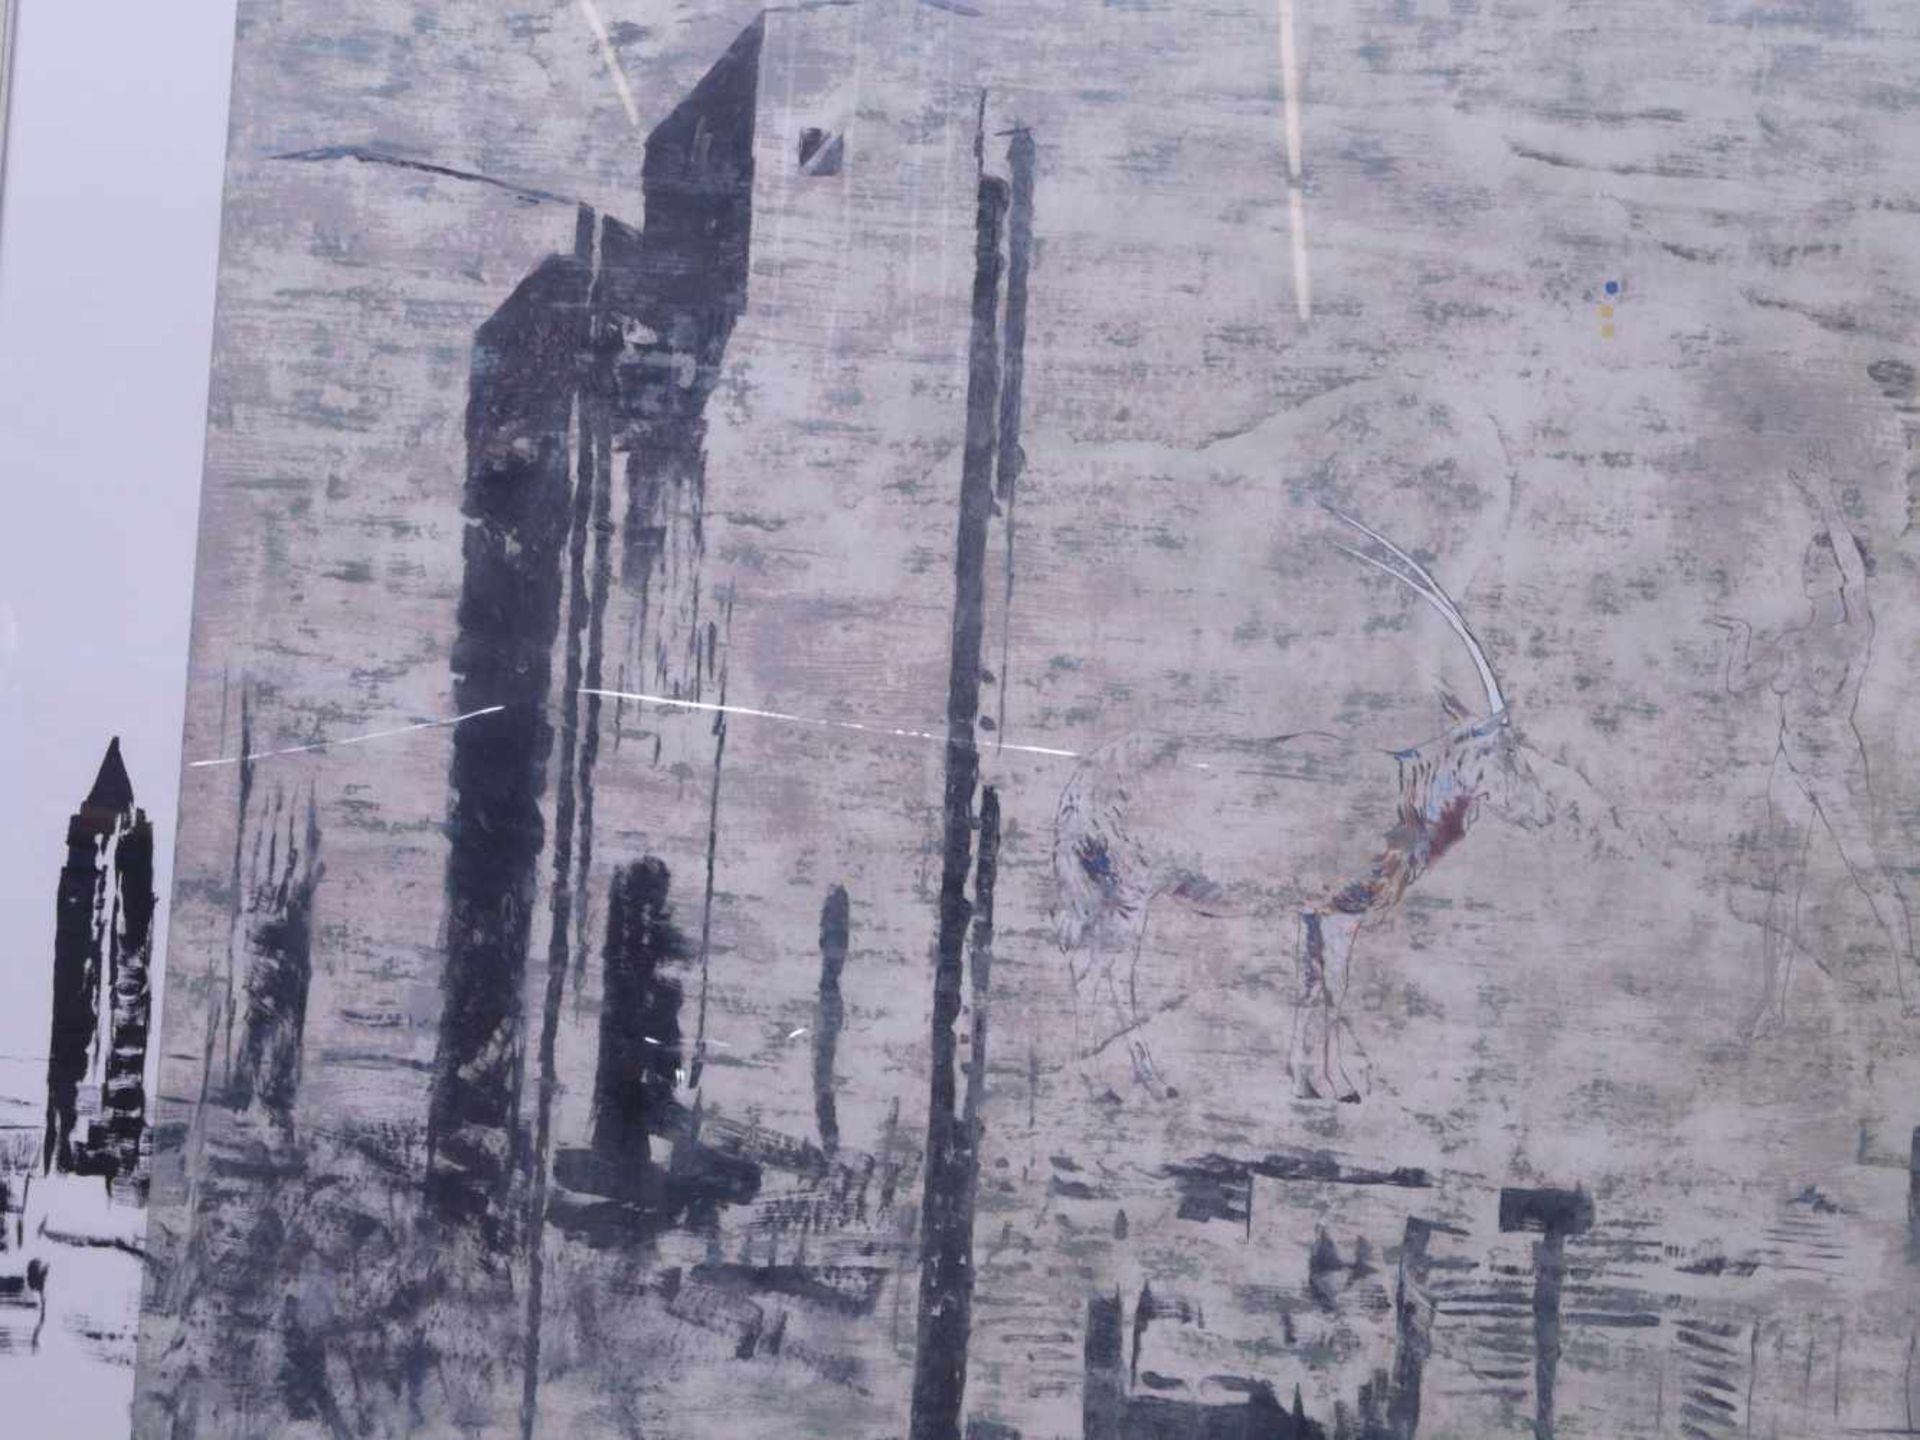 """Dauphin, Peter genannt Muth (Nürnberg 1957) - Großformatiges Gemälde """"Alpstadt""""Sehr großes - Bild 3 aus 6"""